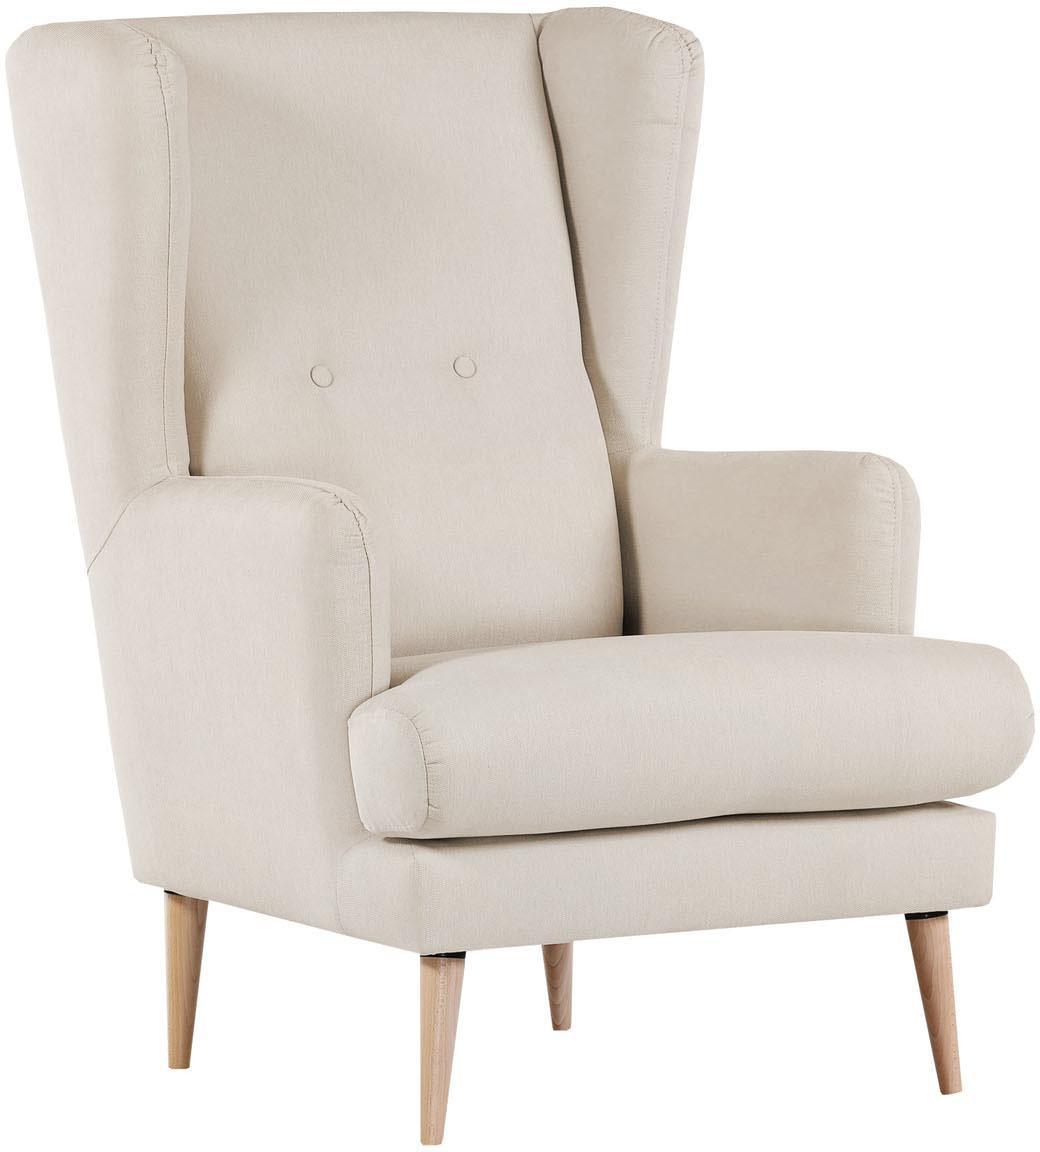 Fotel uszak scandi Robin, Tapicerka: 90% poliester, 10% poliam, Nogi: drewno lakierowane, Beżowy, S 77 x G 85 cm